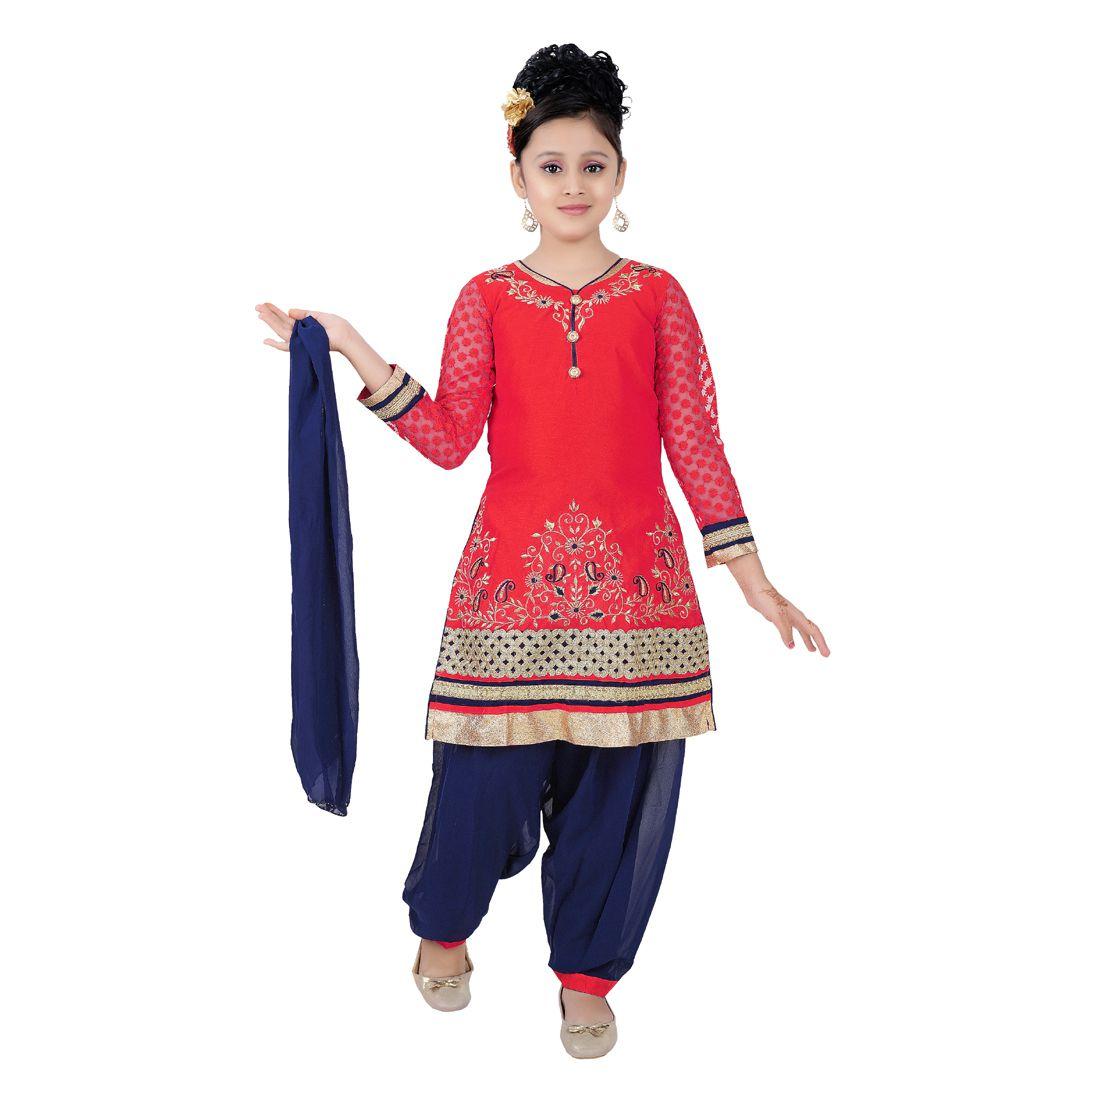 Saarah Red And Blue Patiala Suit Set - Buy Saarah Red And Blue ...